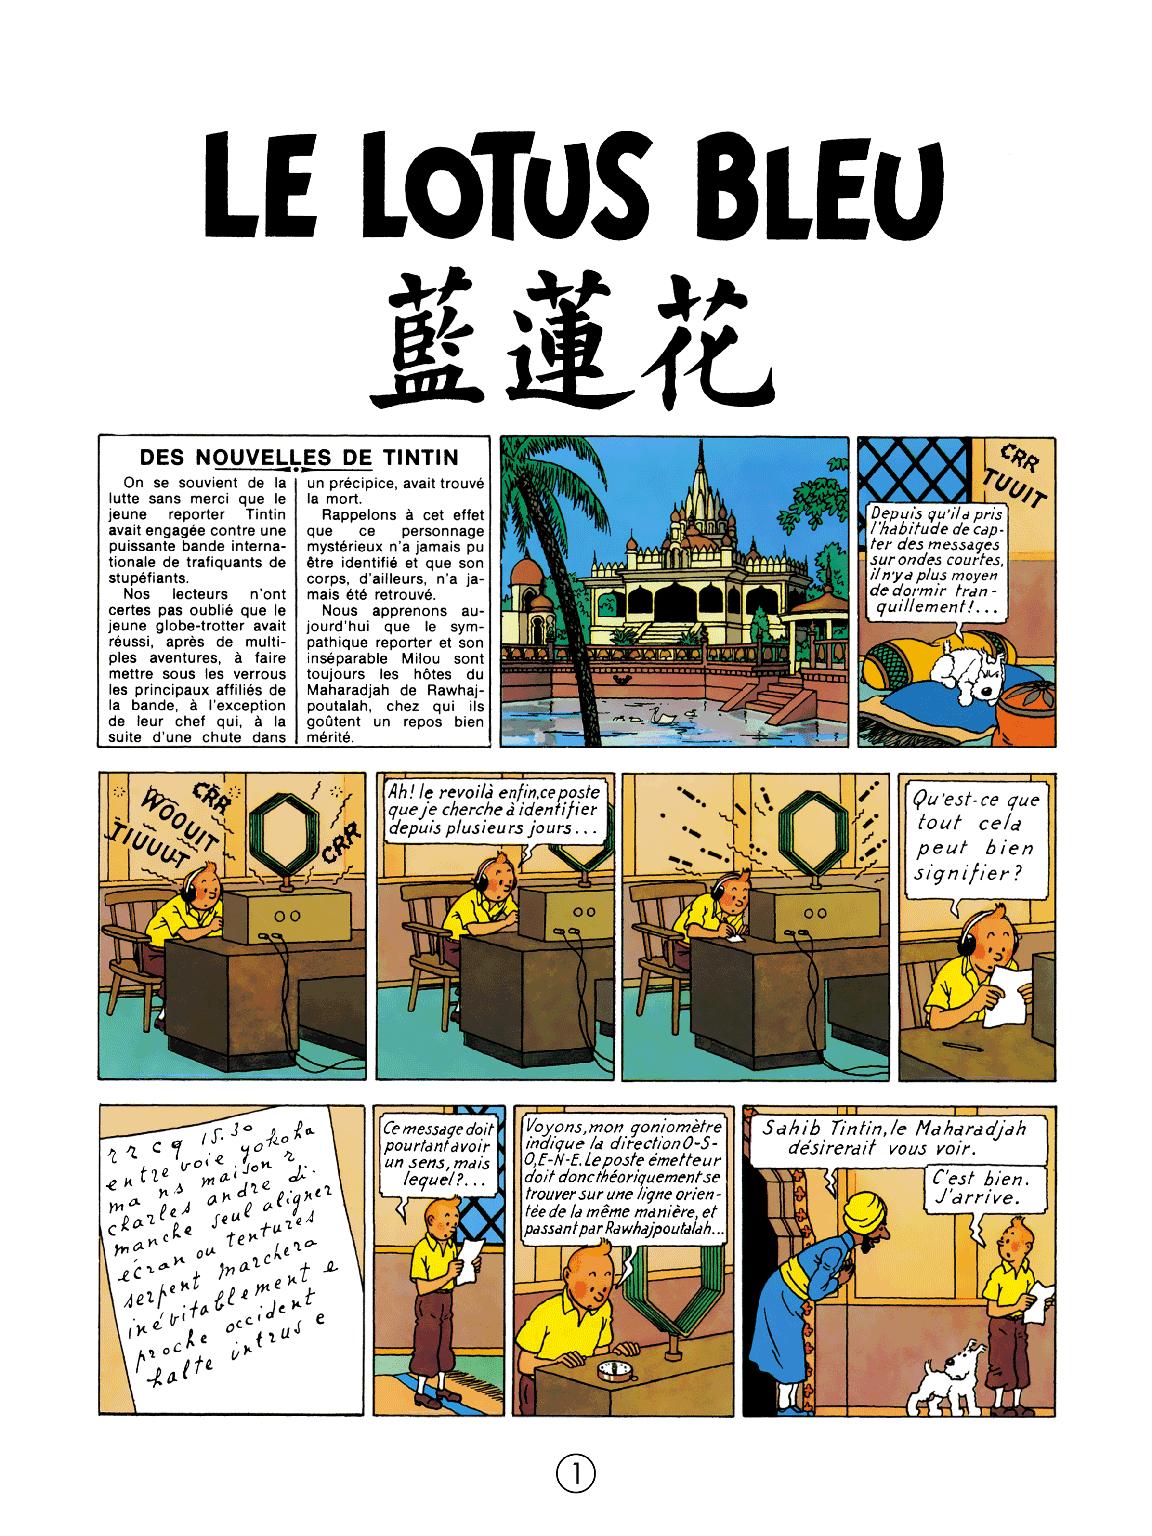 Le Lotus Bleu - Page 1